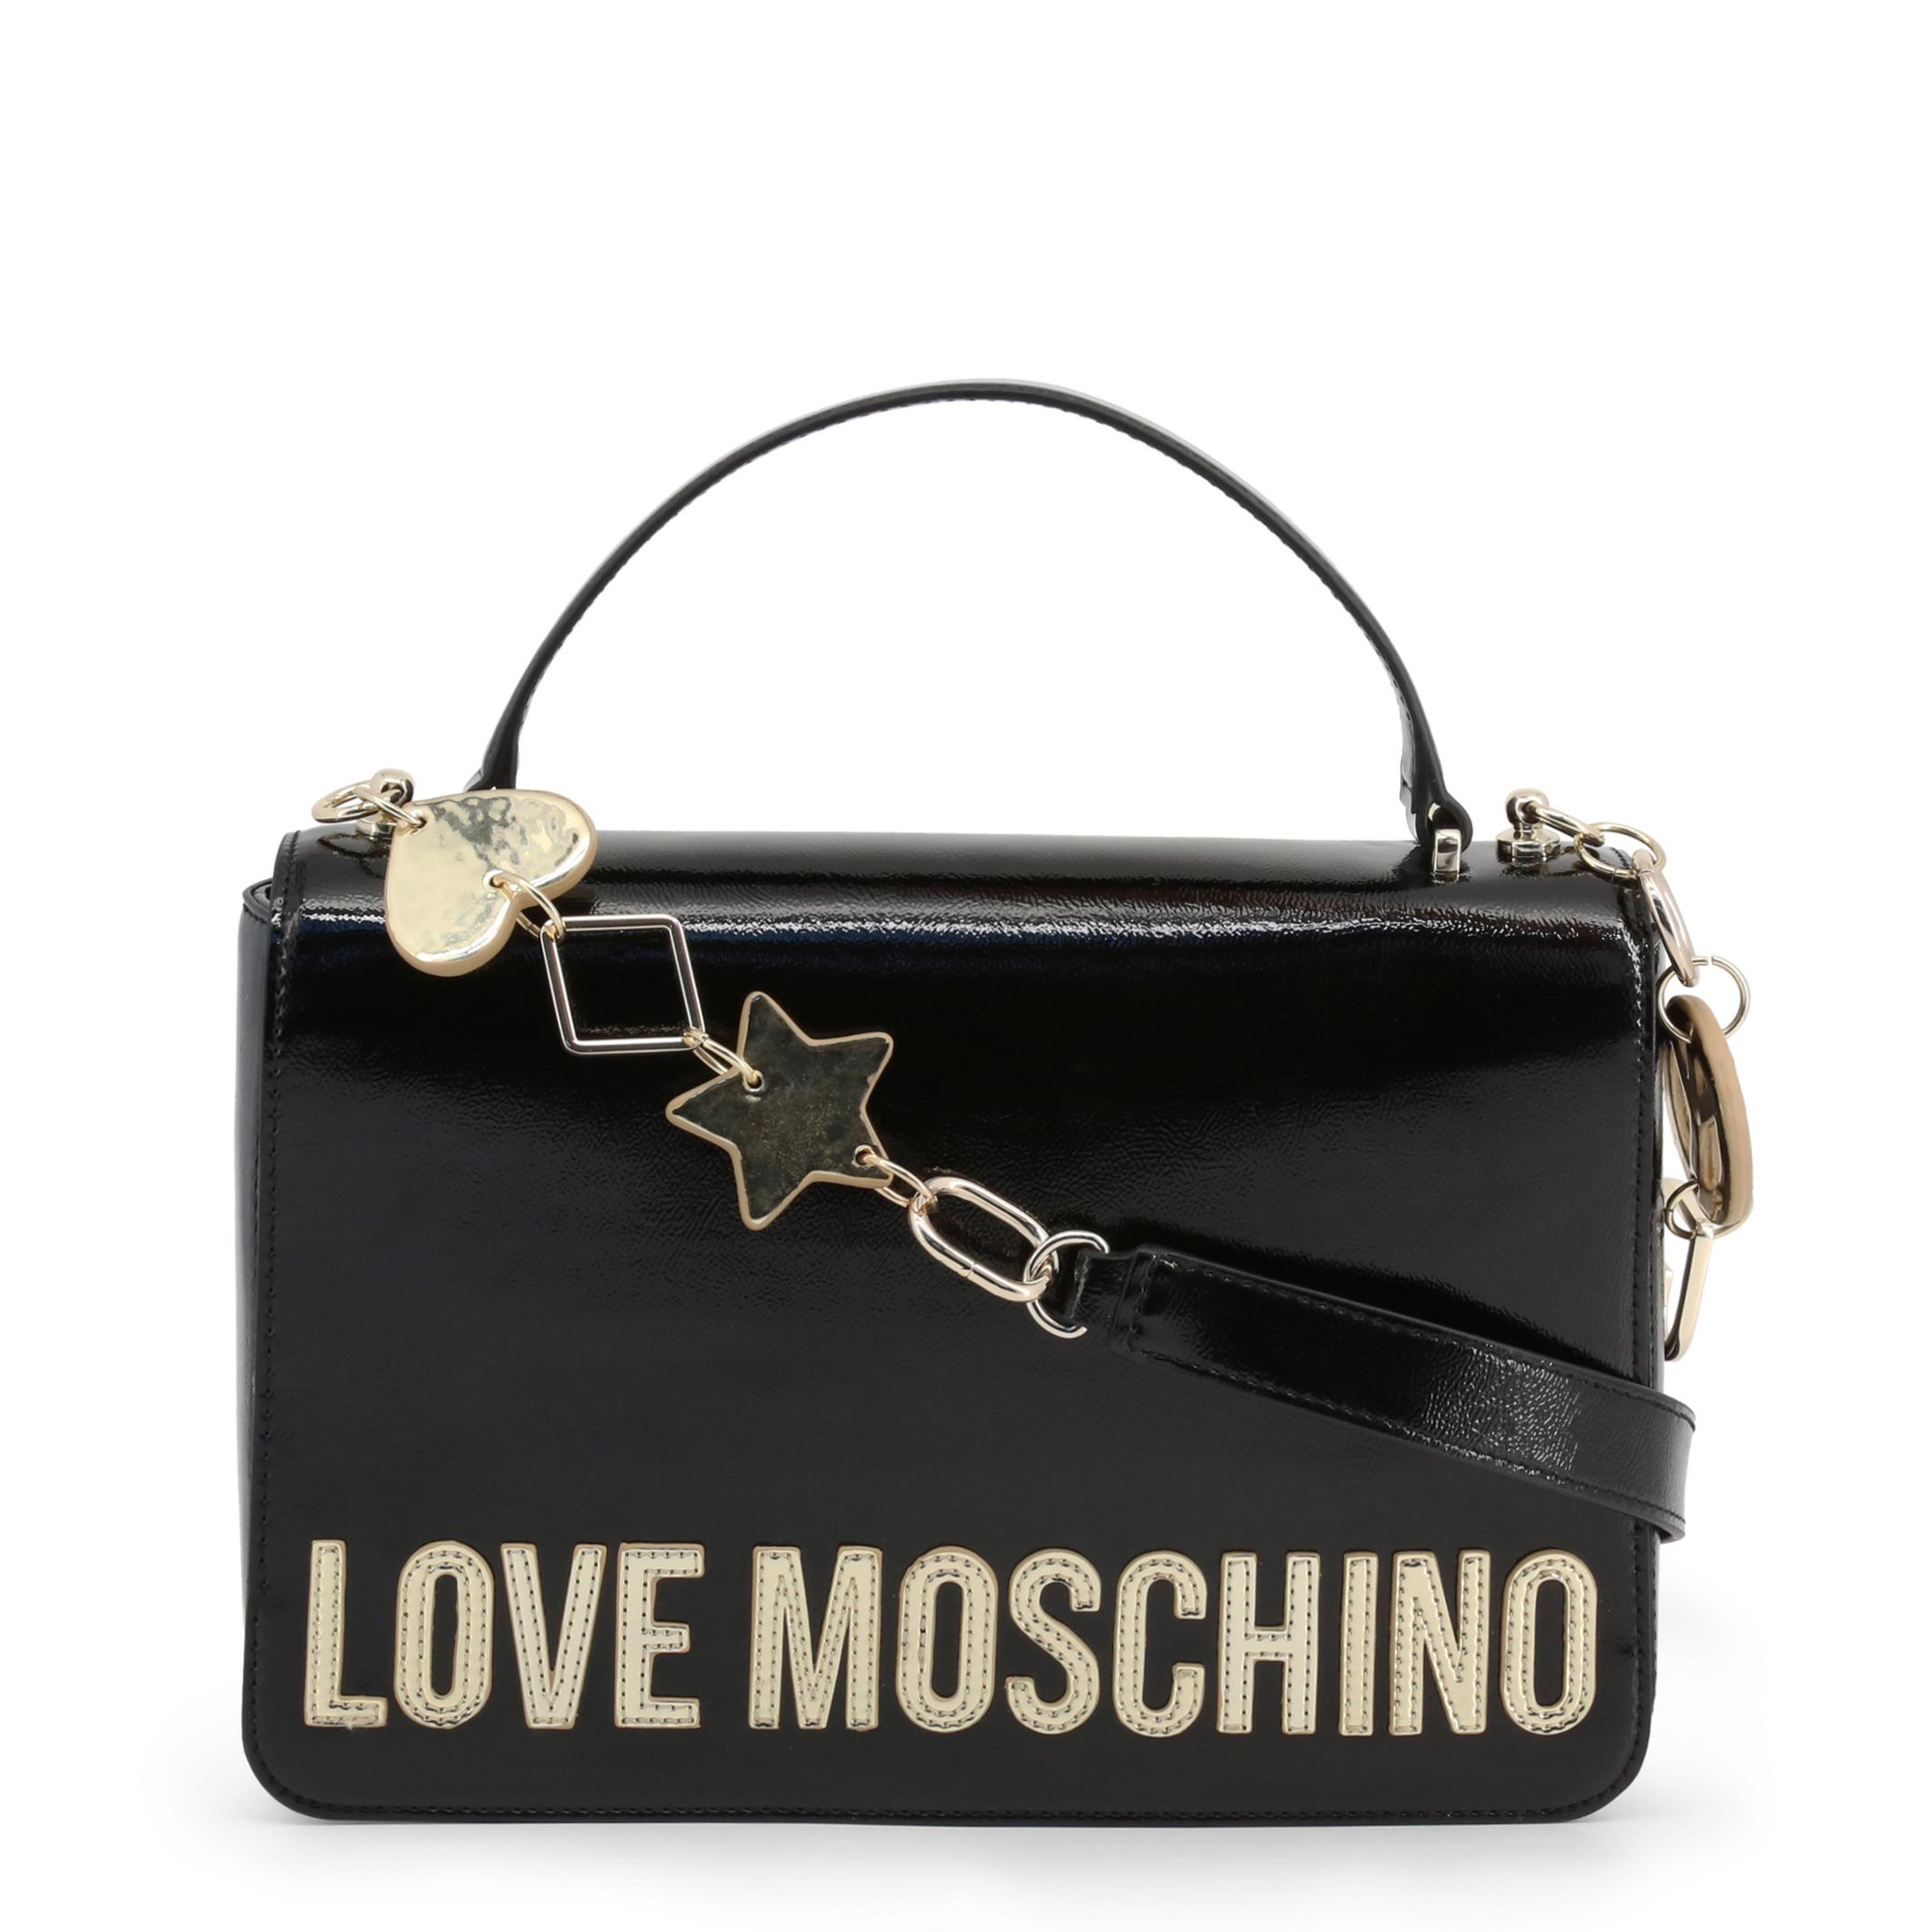 Love Moschino Lak Taske Firkantet Anna Anna